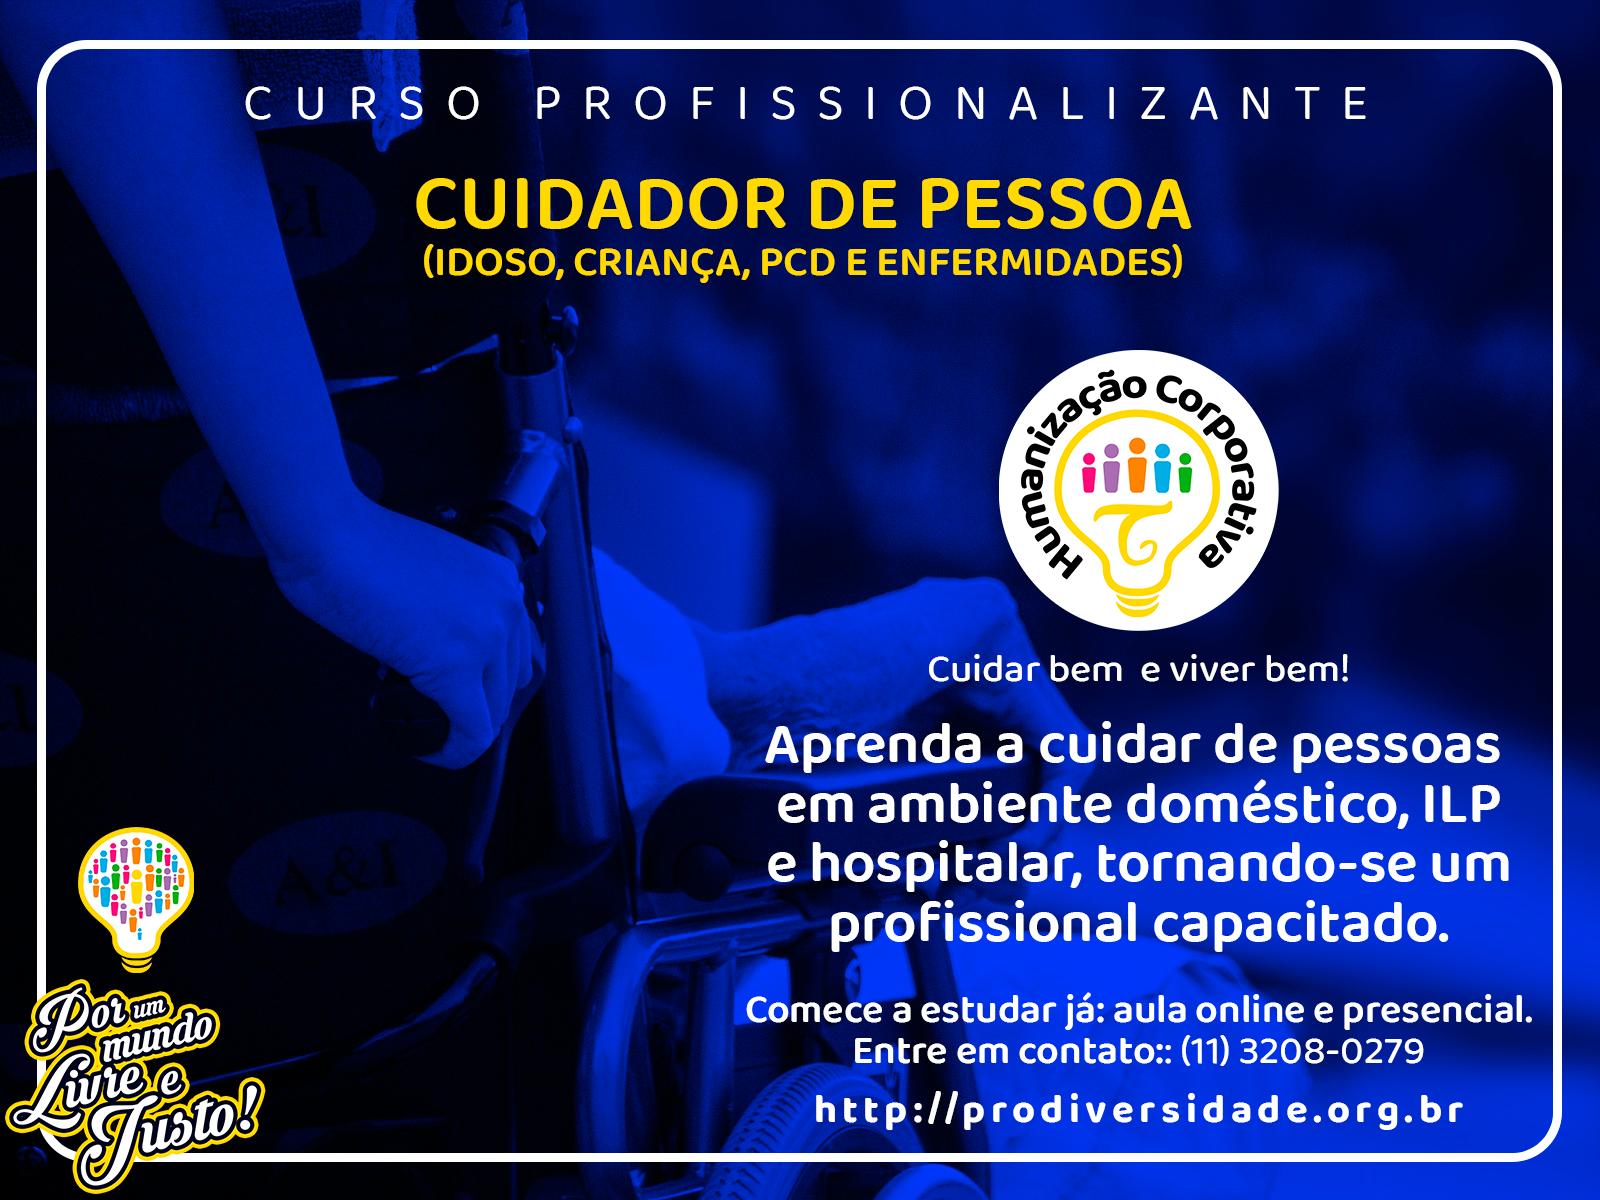 Imagem azul mostrando uma pessoa cadeirante sendo cuidada, anúncio publicitário do curso de cuidador de pessoa. #pracegover